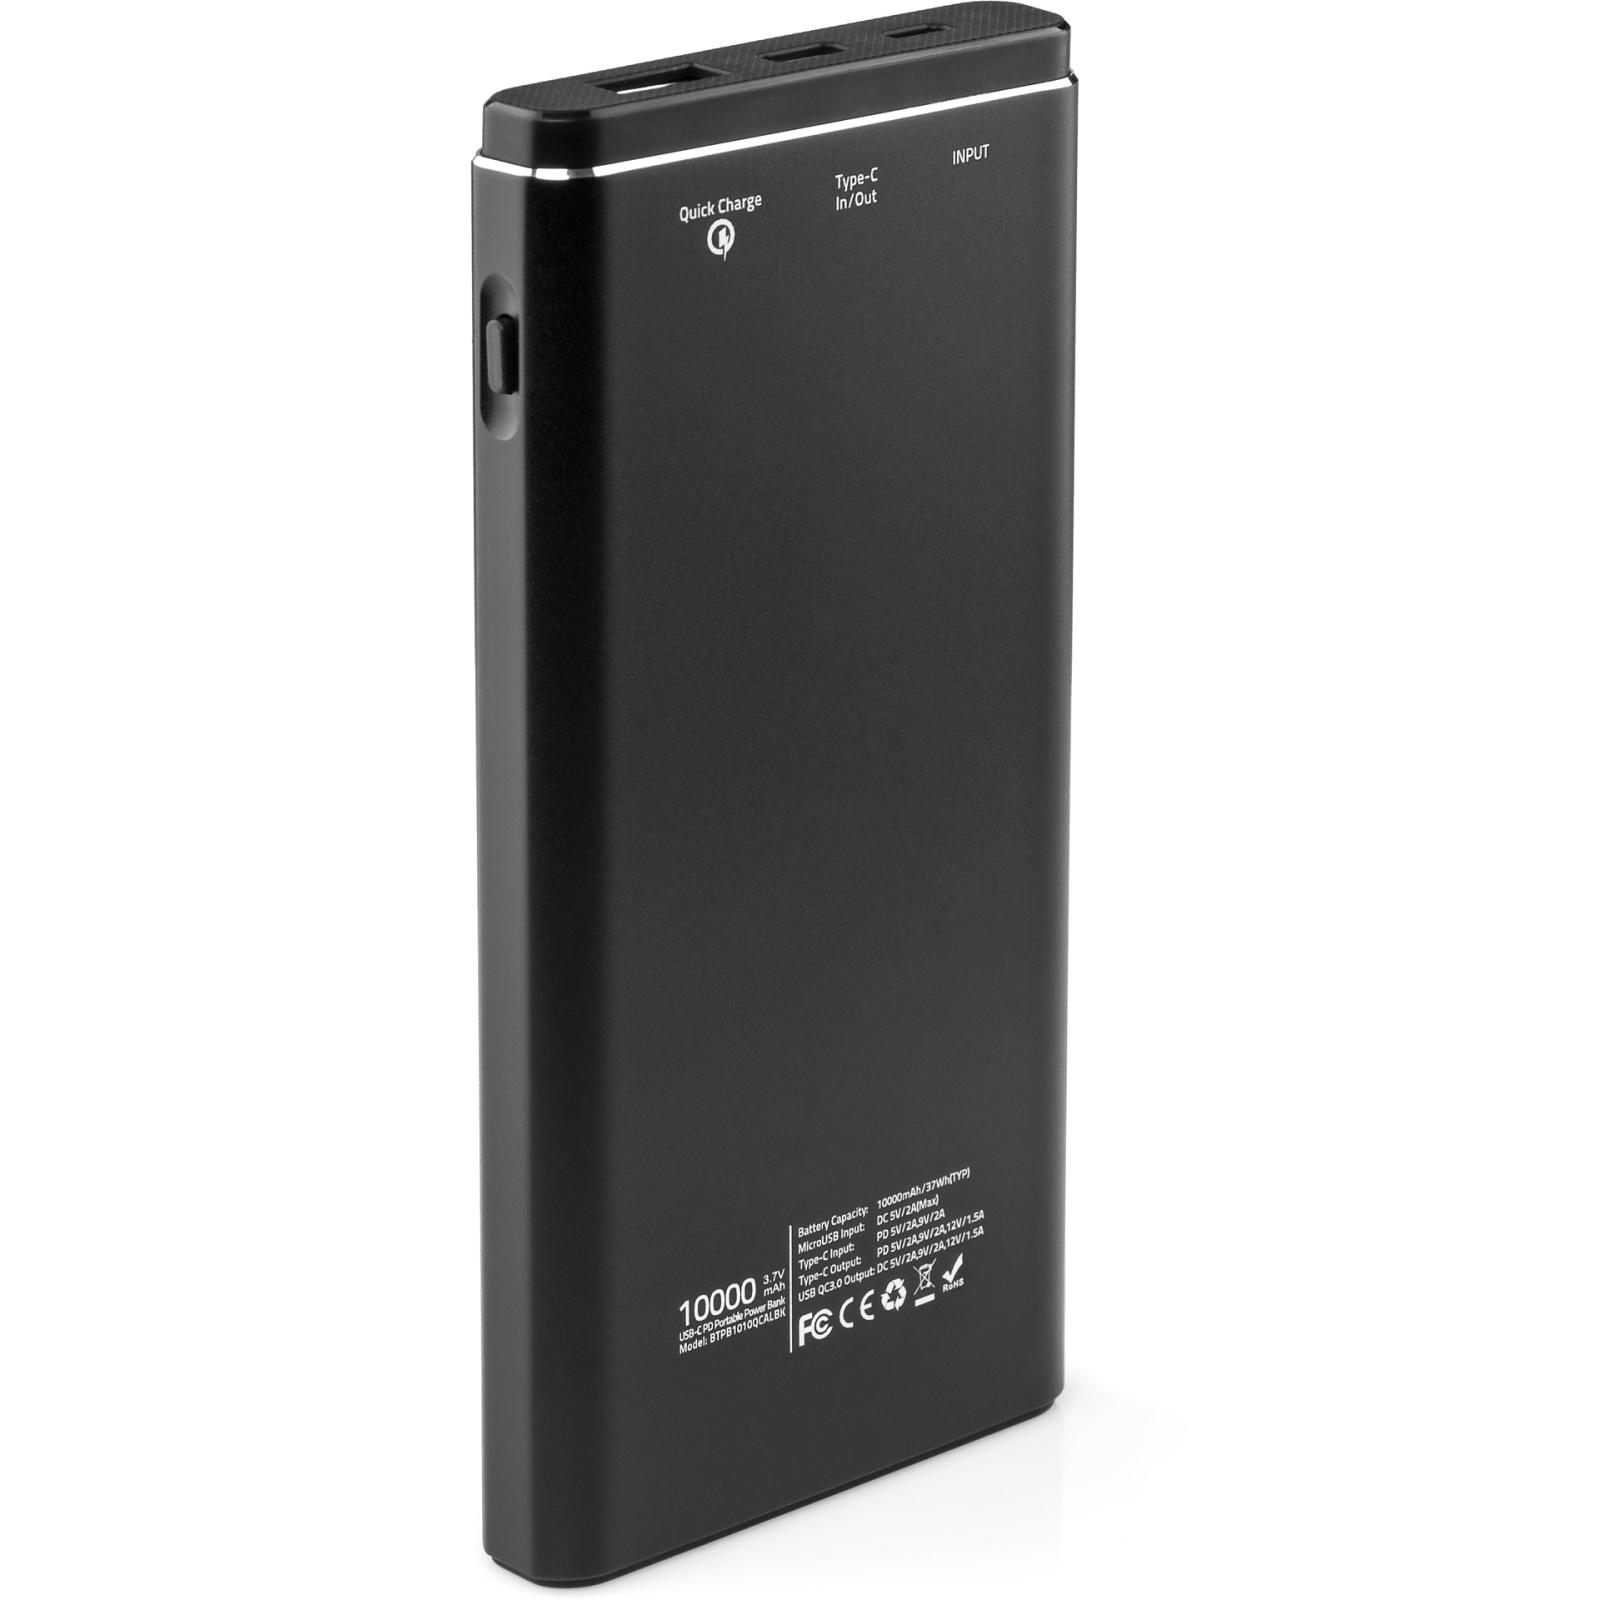 Батарея универсальная Vinga 10000 mAh QC3.0 PD aluminium silver (BTPB1010QCALS) изображение 2